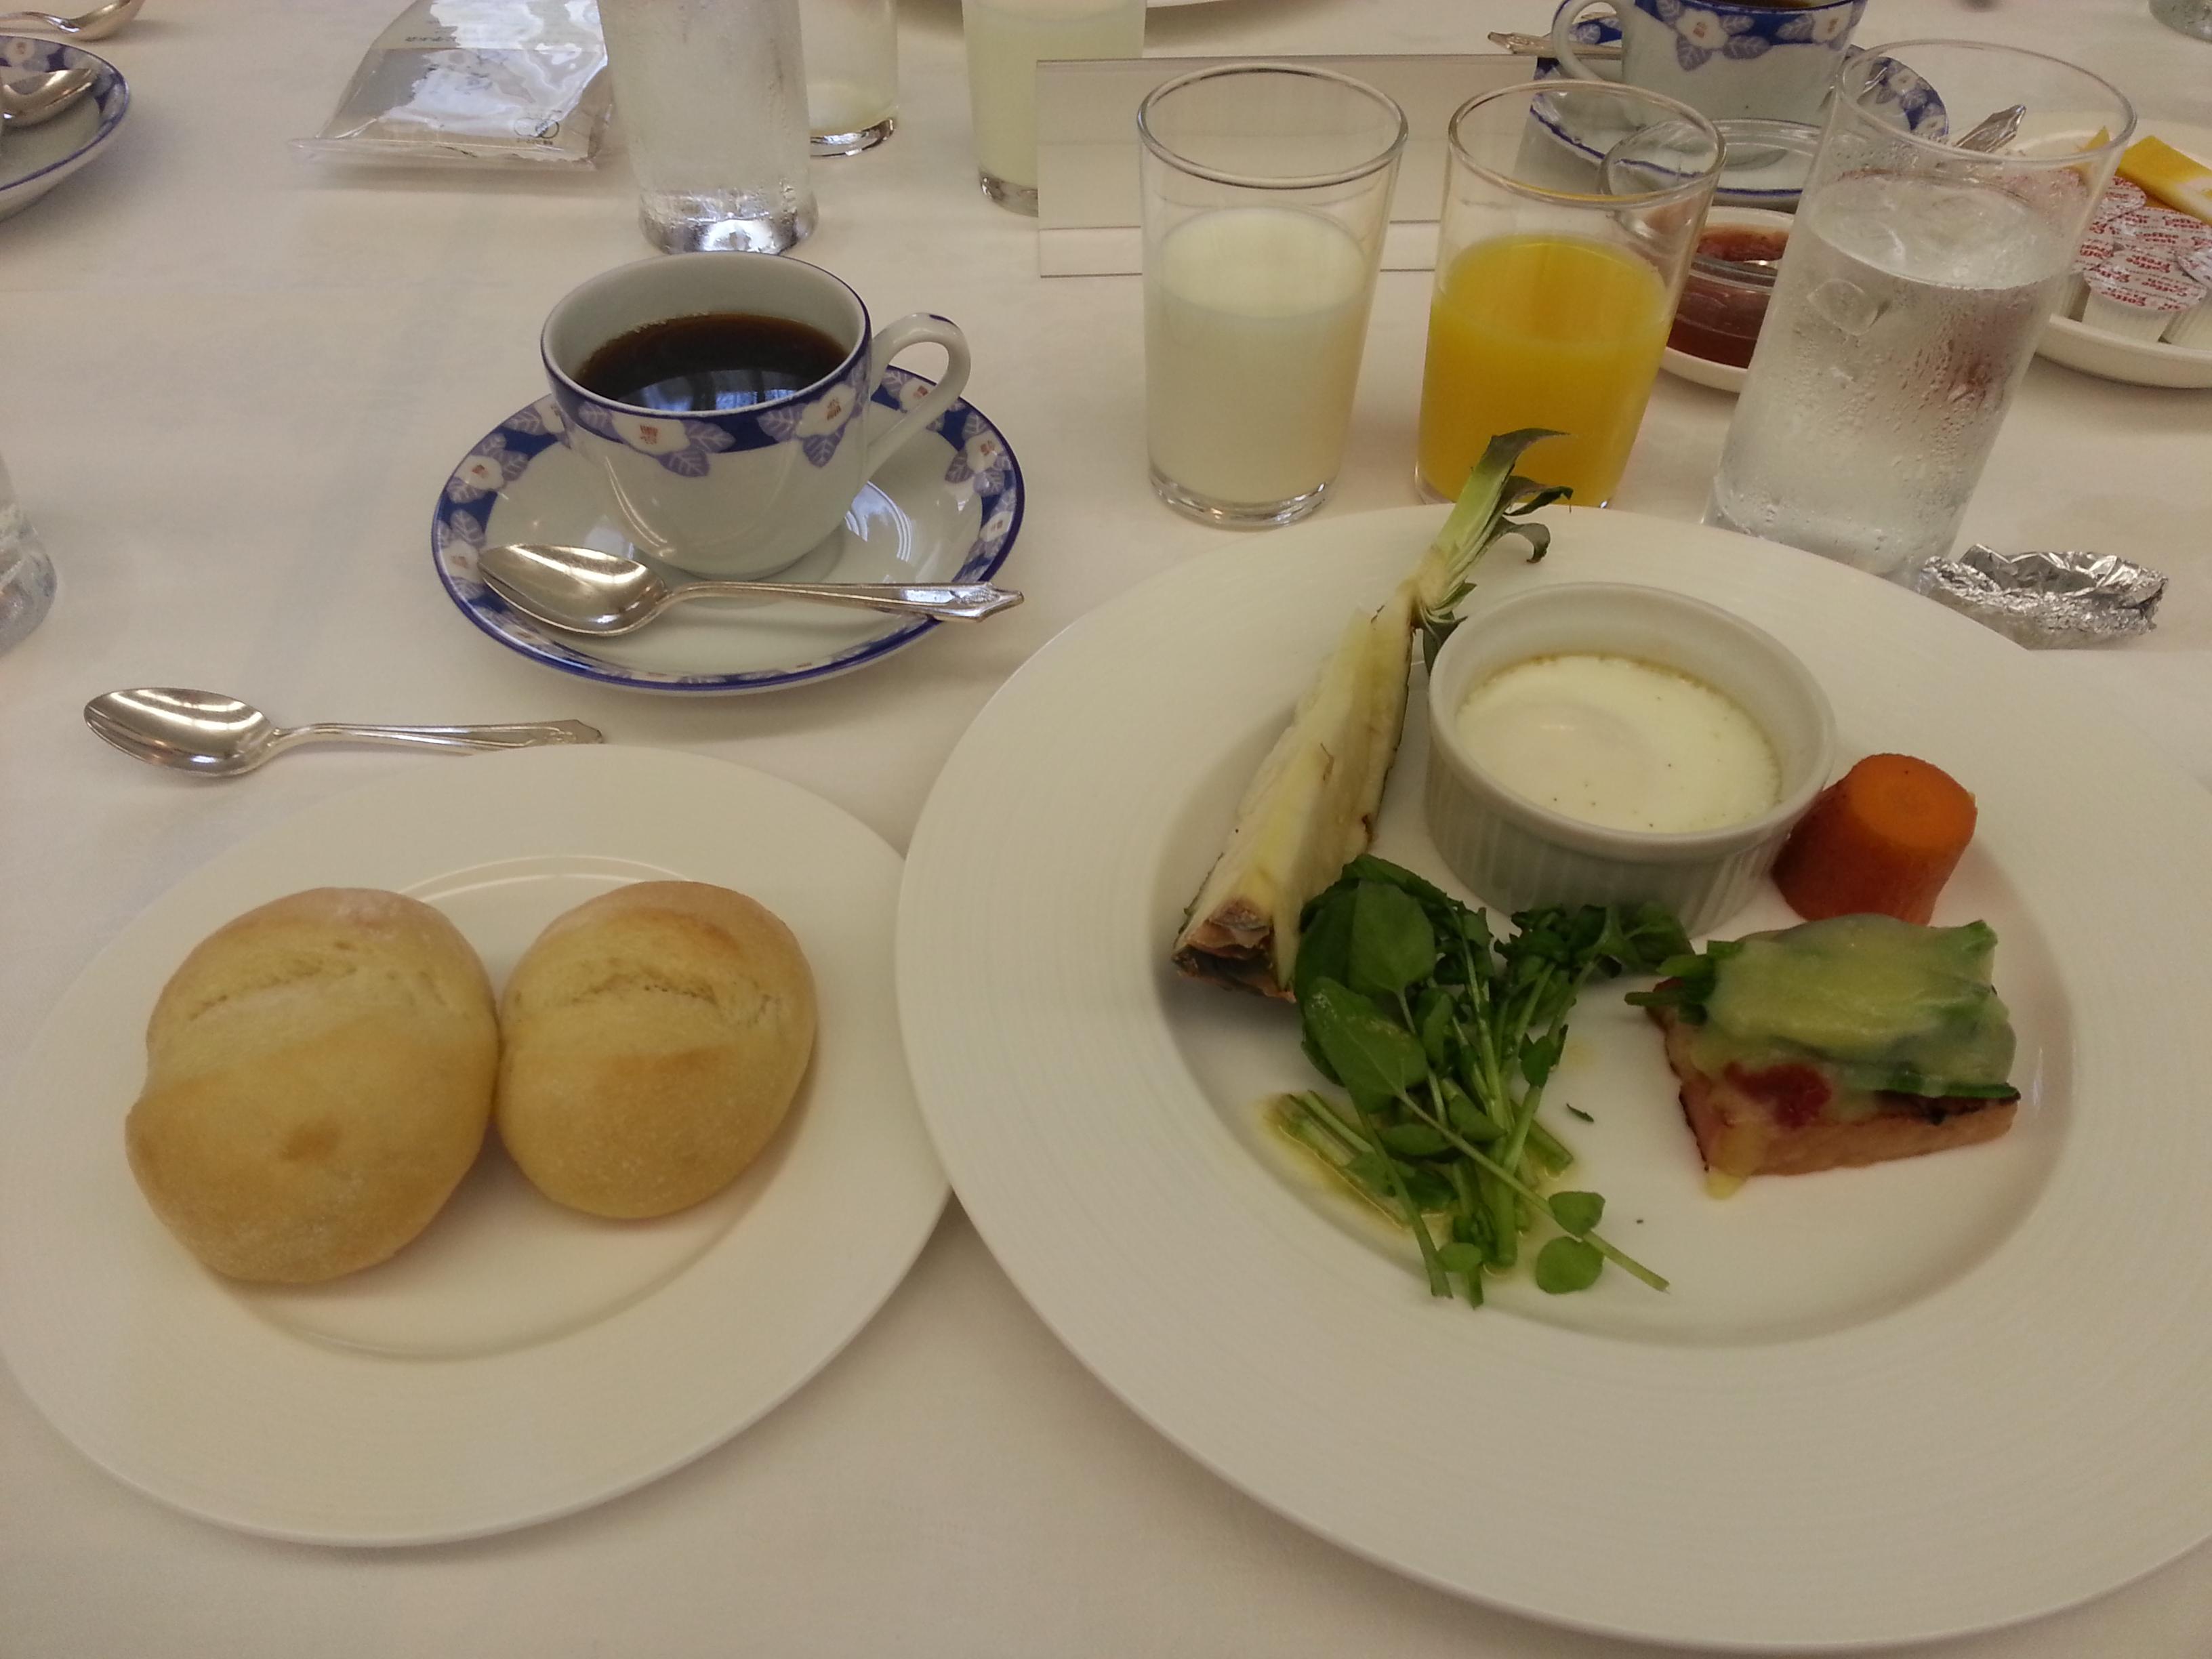 花王の澤田道隆社長が、第22回エシカル朝食会で講演